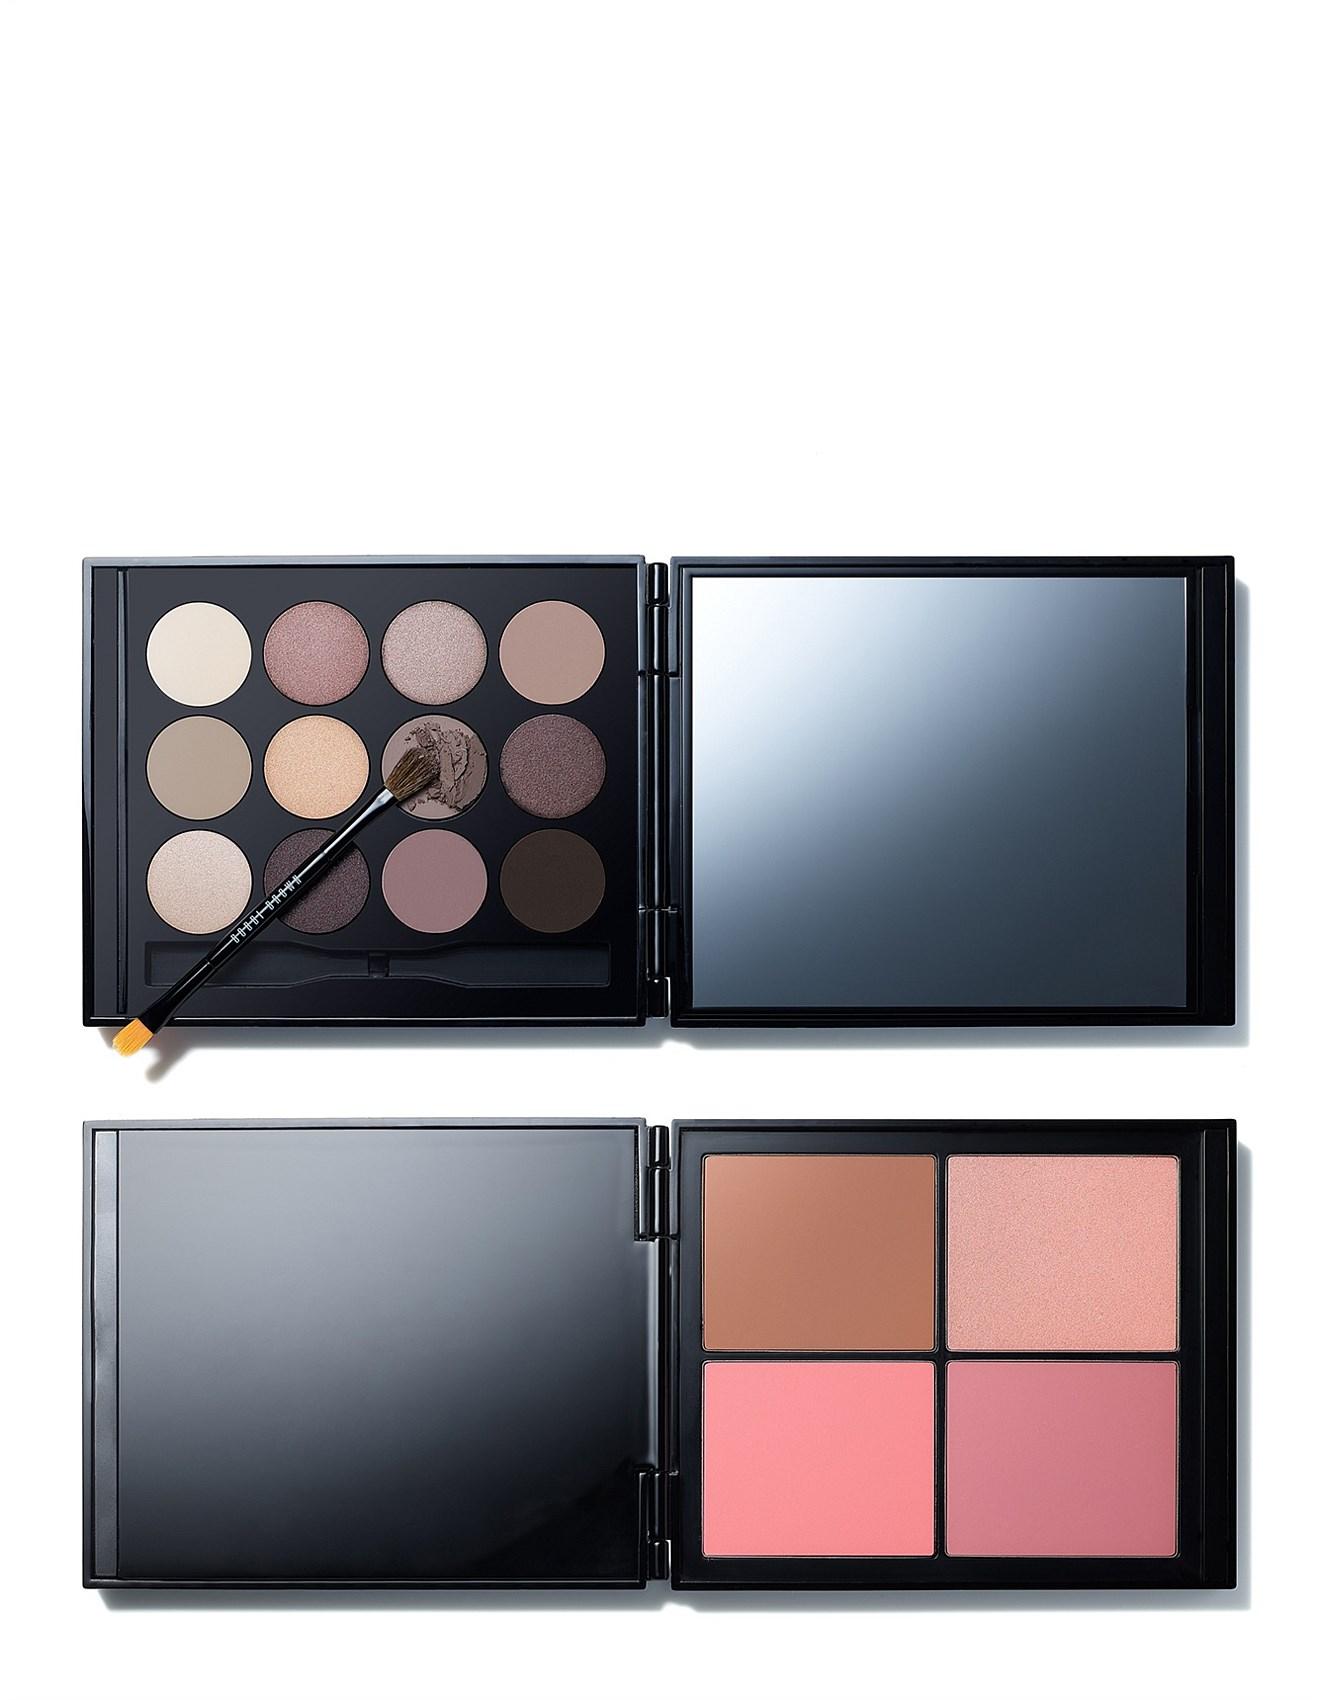 New Makeup Shop Whats New In Makeup Online David Jones Deluxe